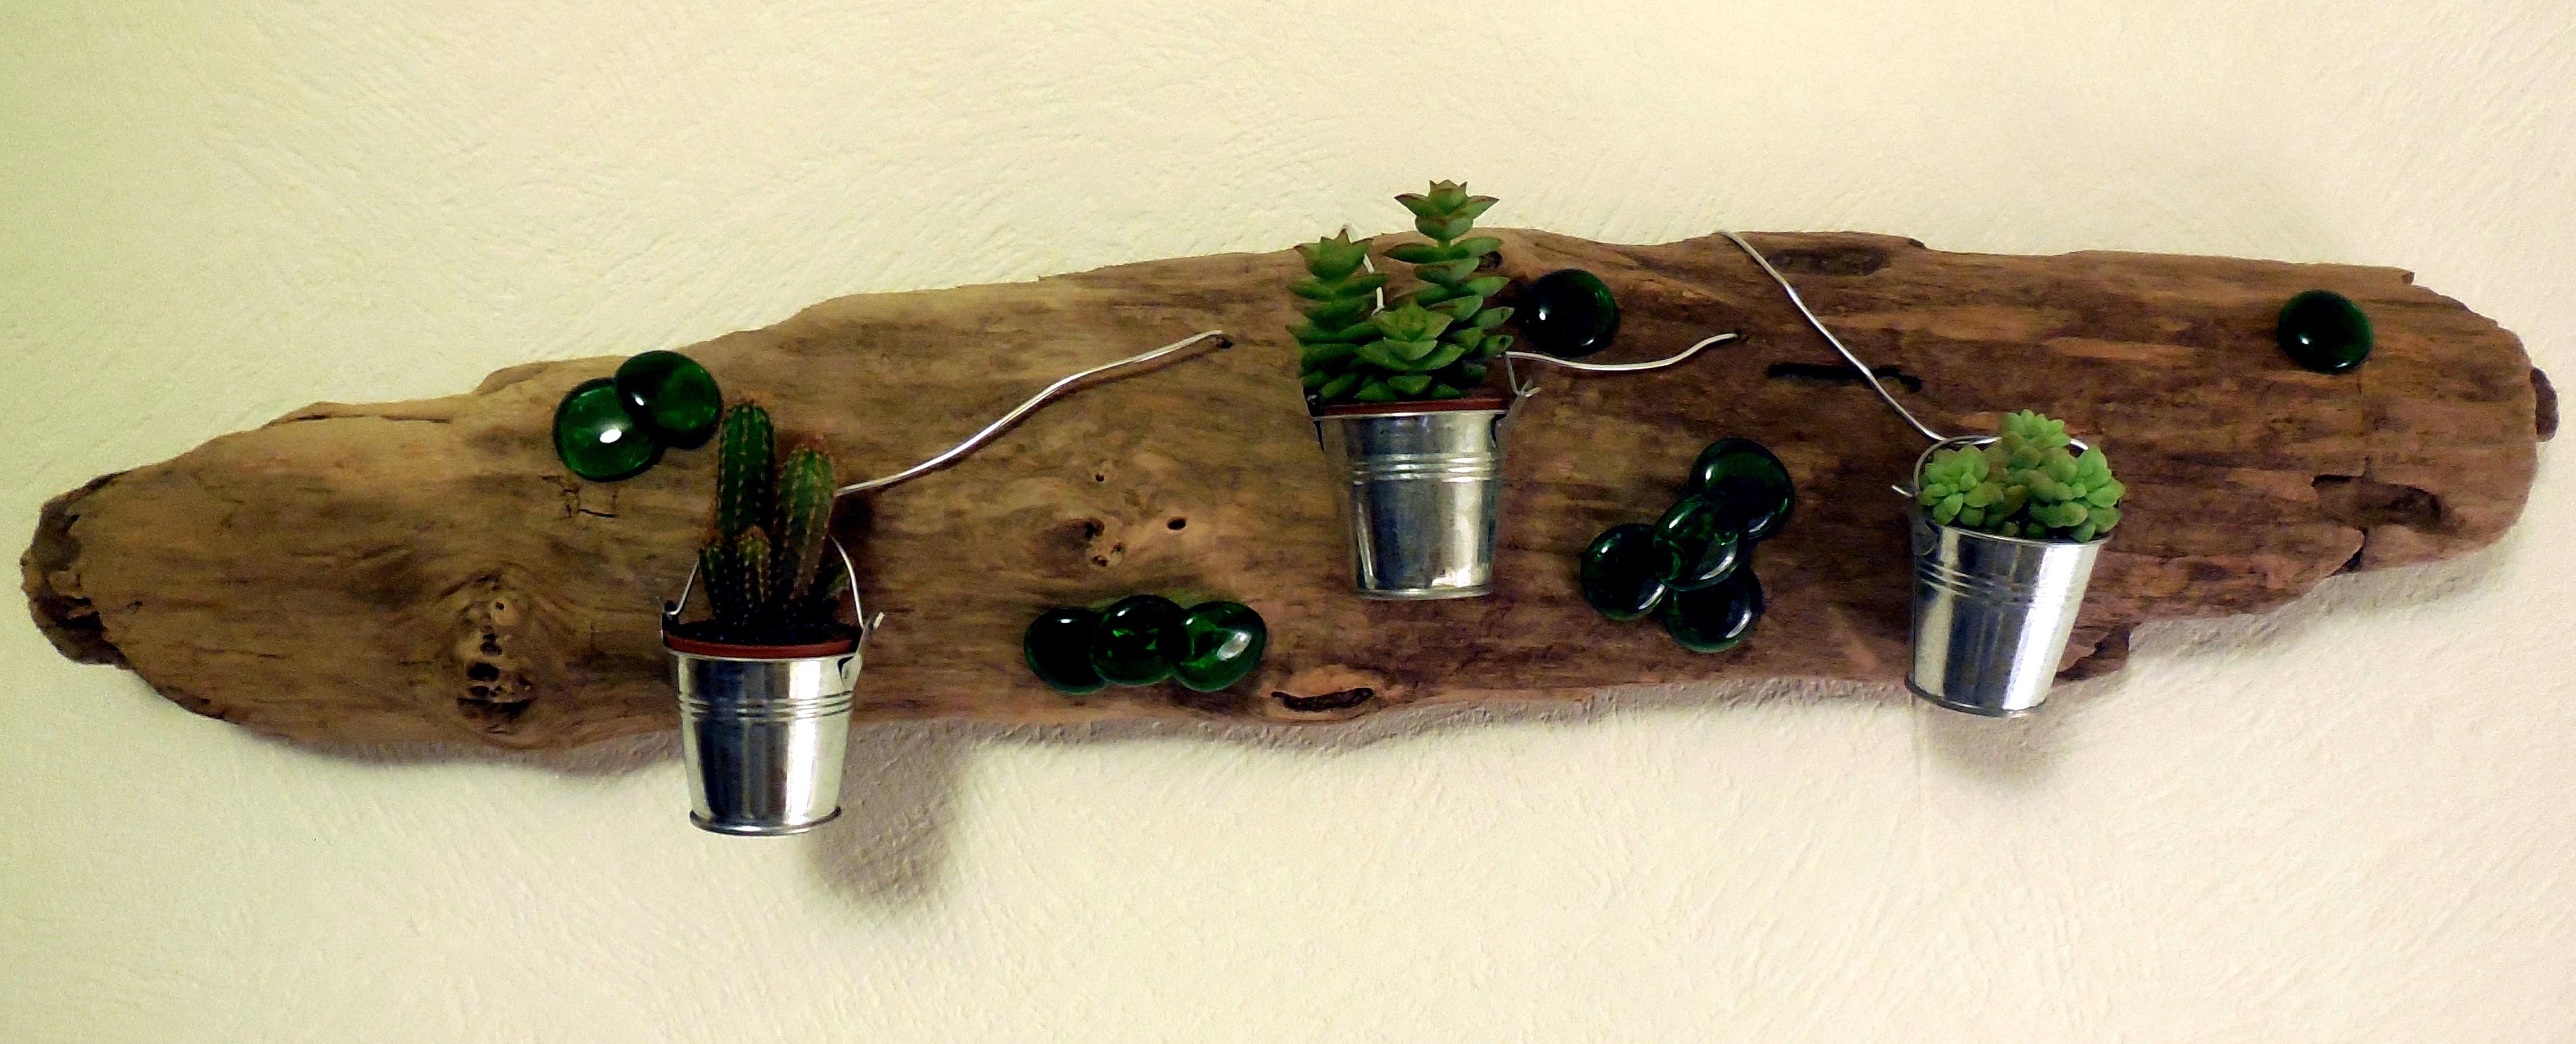 support en bois flotté. (plantes: minis cactées) - récup'création!